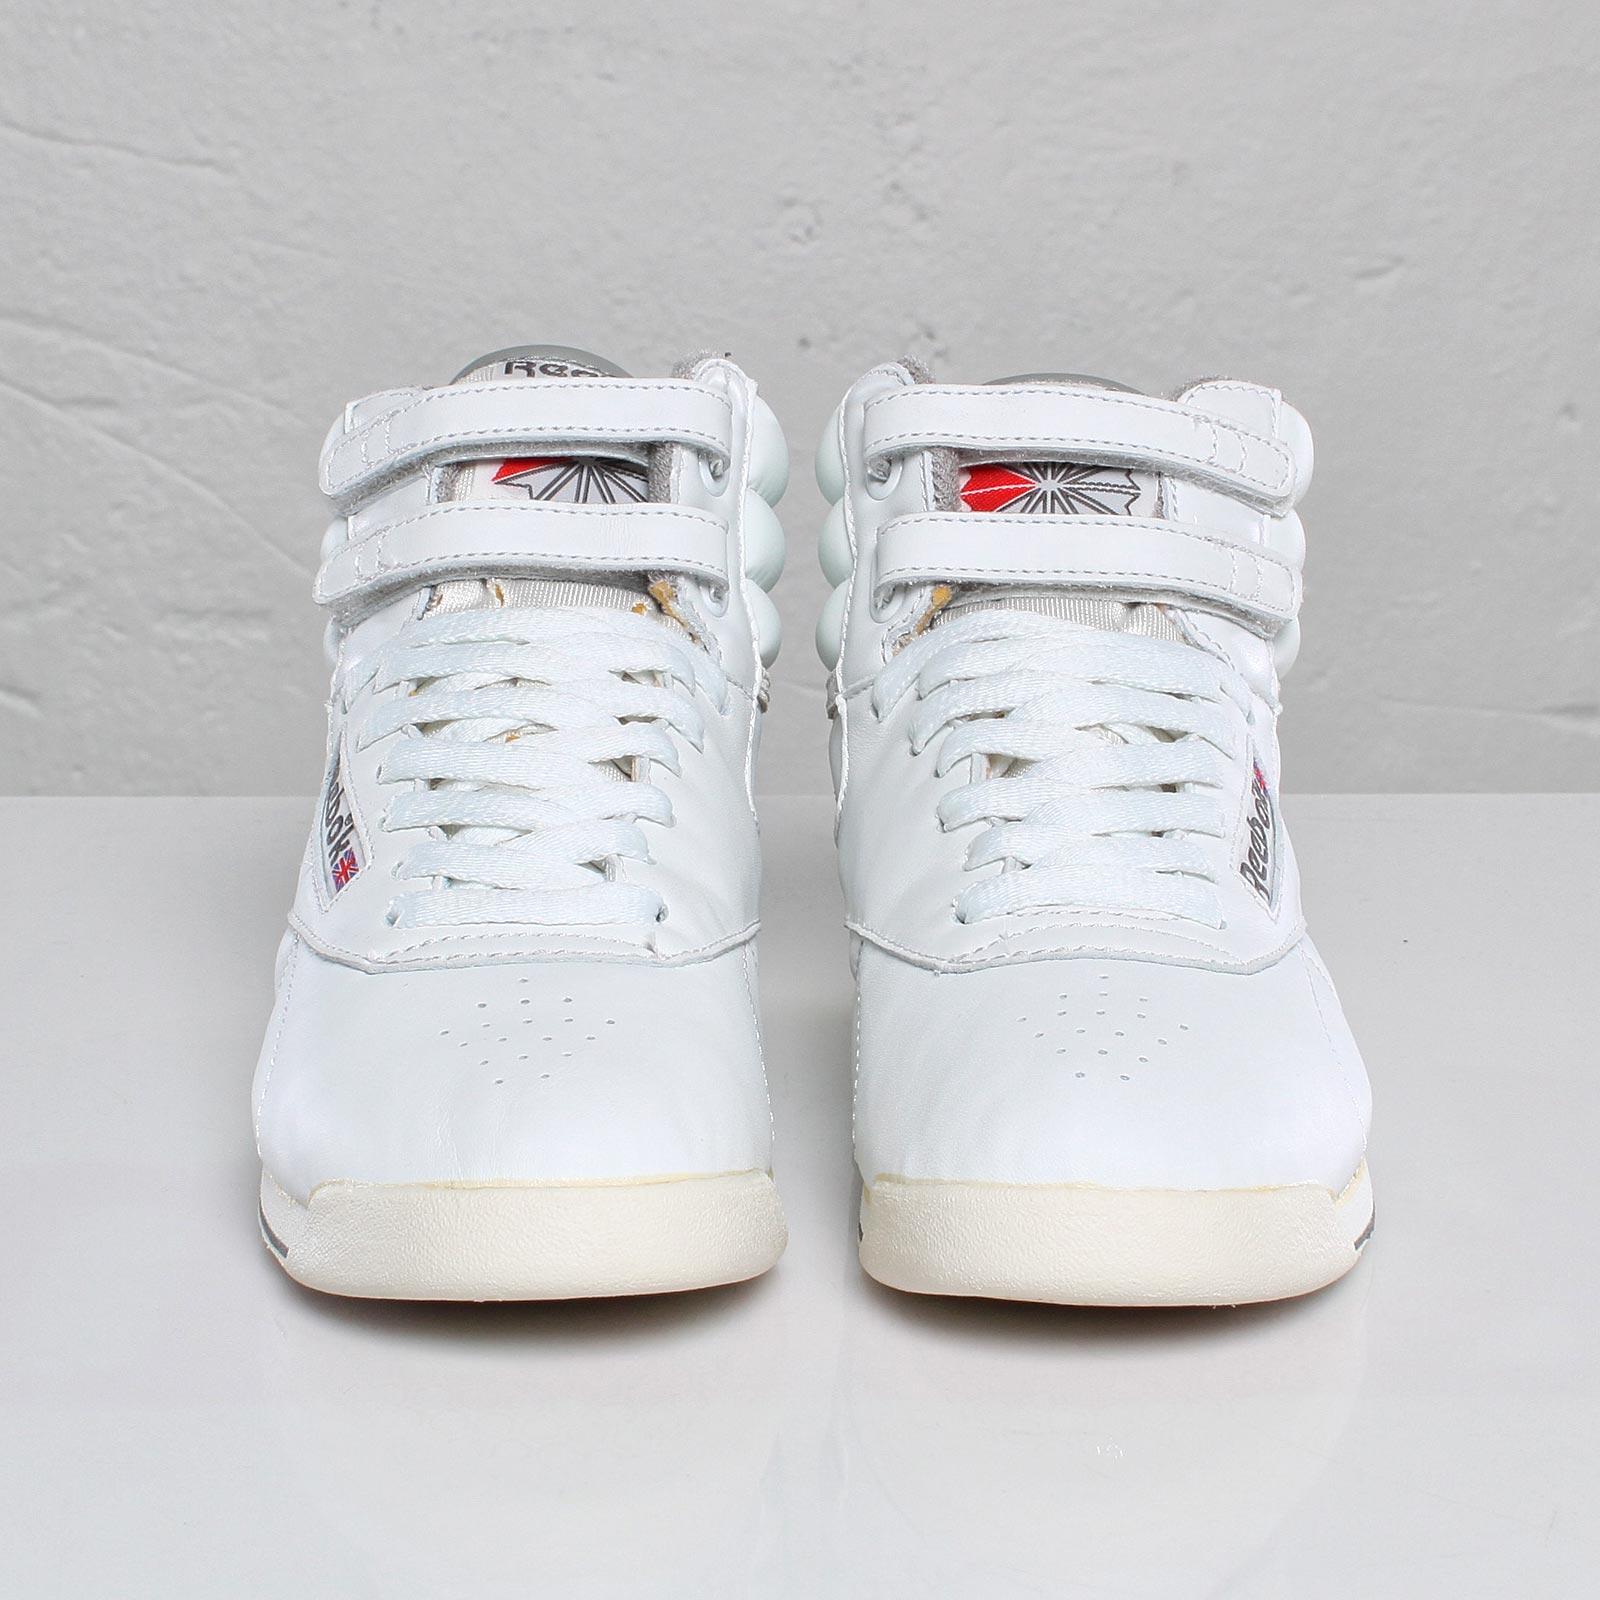 befbec1b6 Reebok Freestyle Hi Vintage Intl - 101739 - Sneakersnstuff | sneakers &  streetwear online since 1999